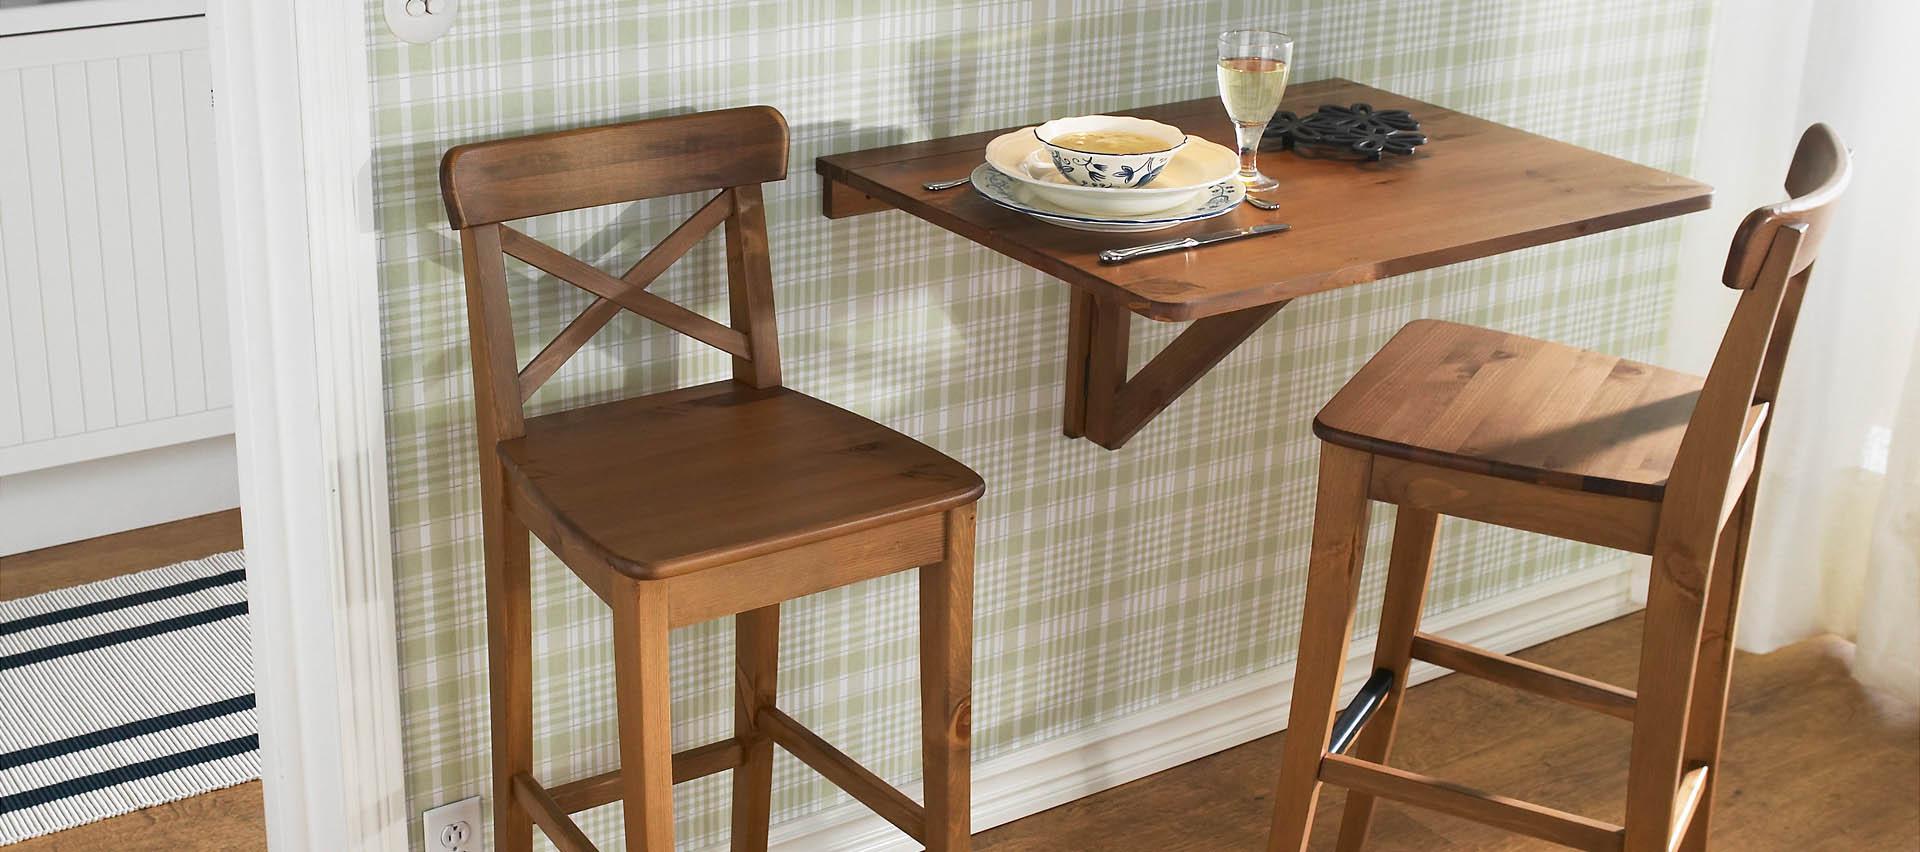 барный стул Ikea 27 фото деревянные барные и полубарные складные